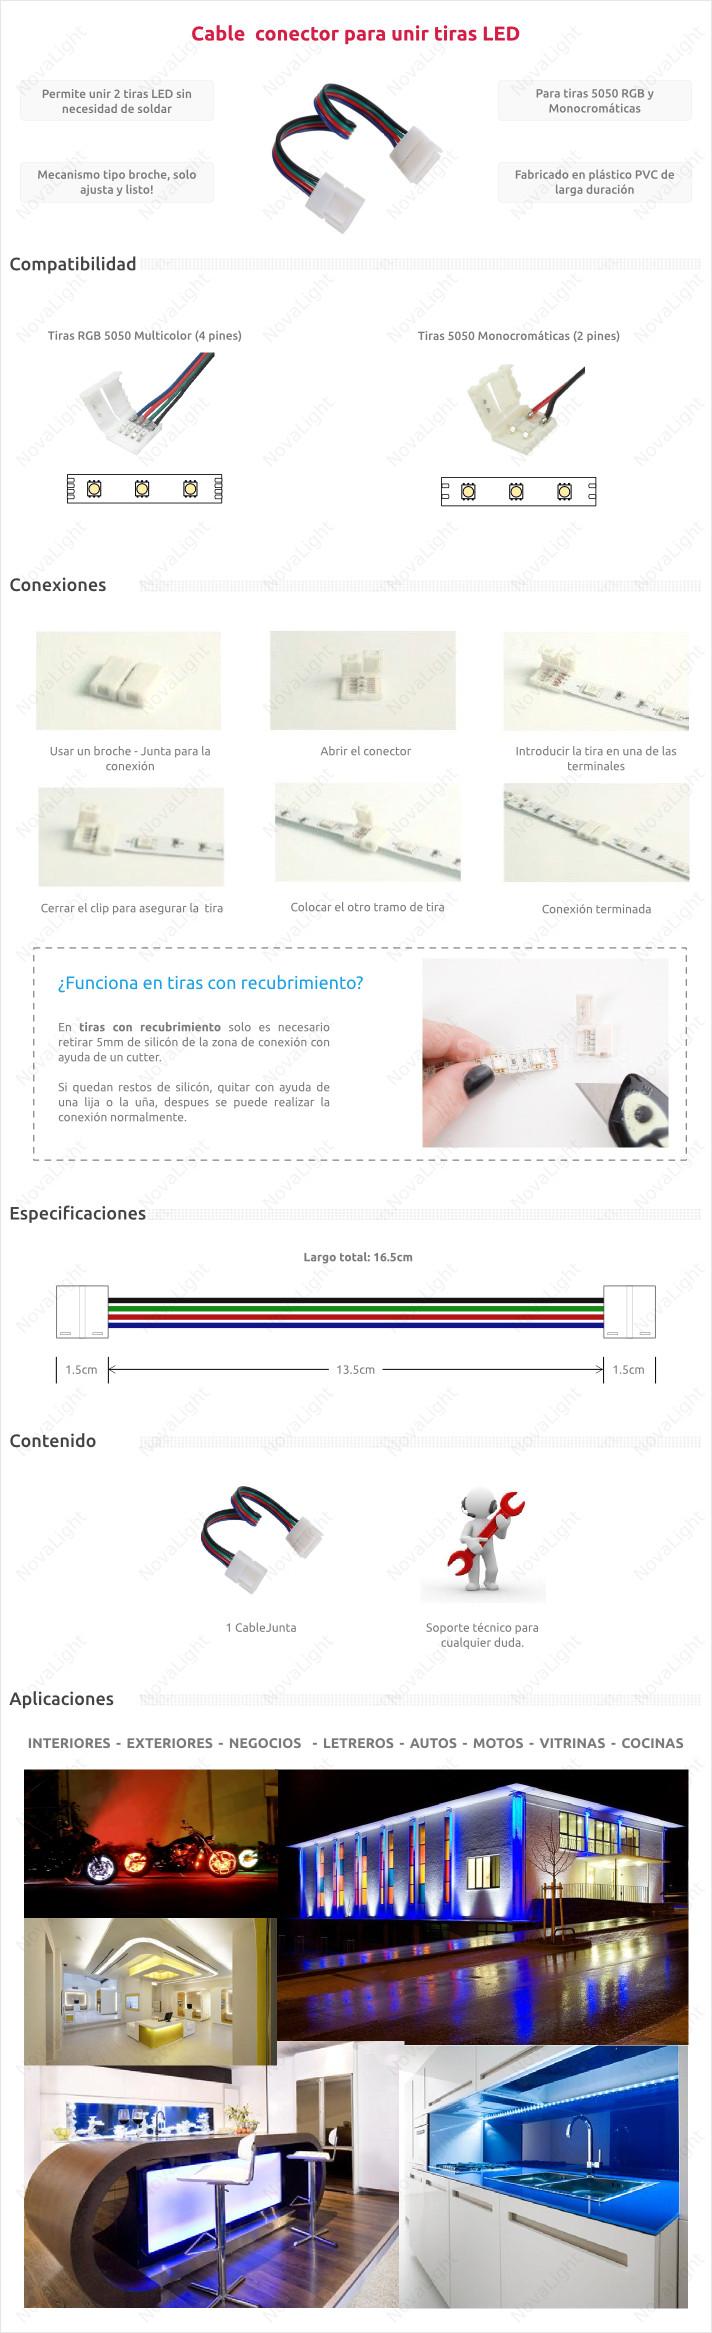 Cable junta para acoplar 2 tiras LED RGB 5050 o 3528 sin necesidad de soldar